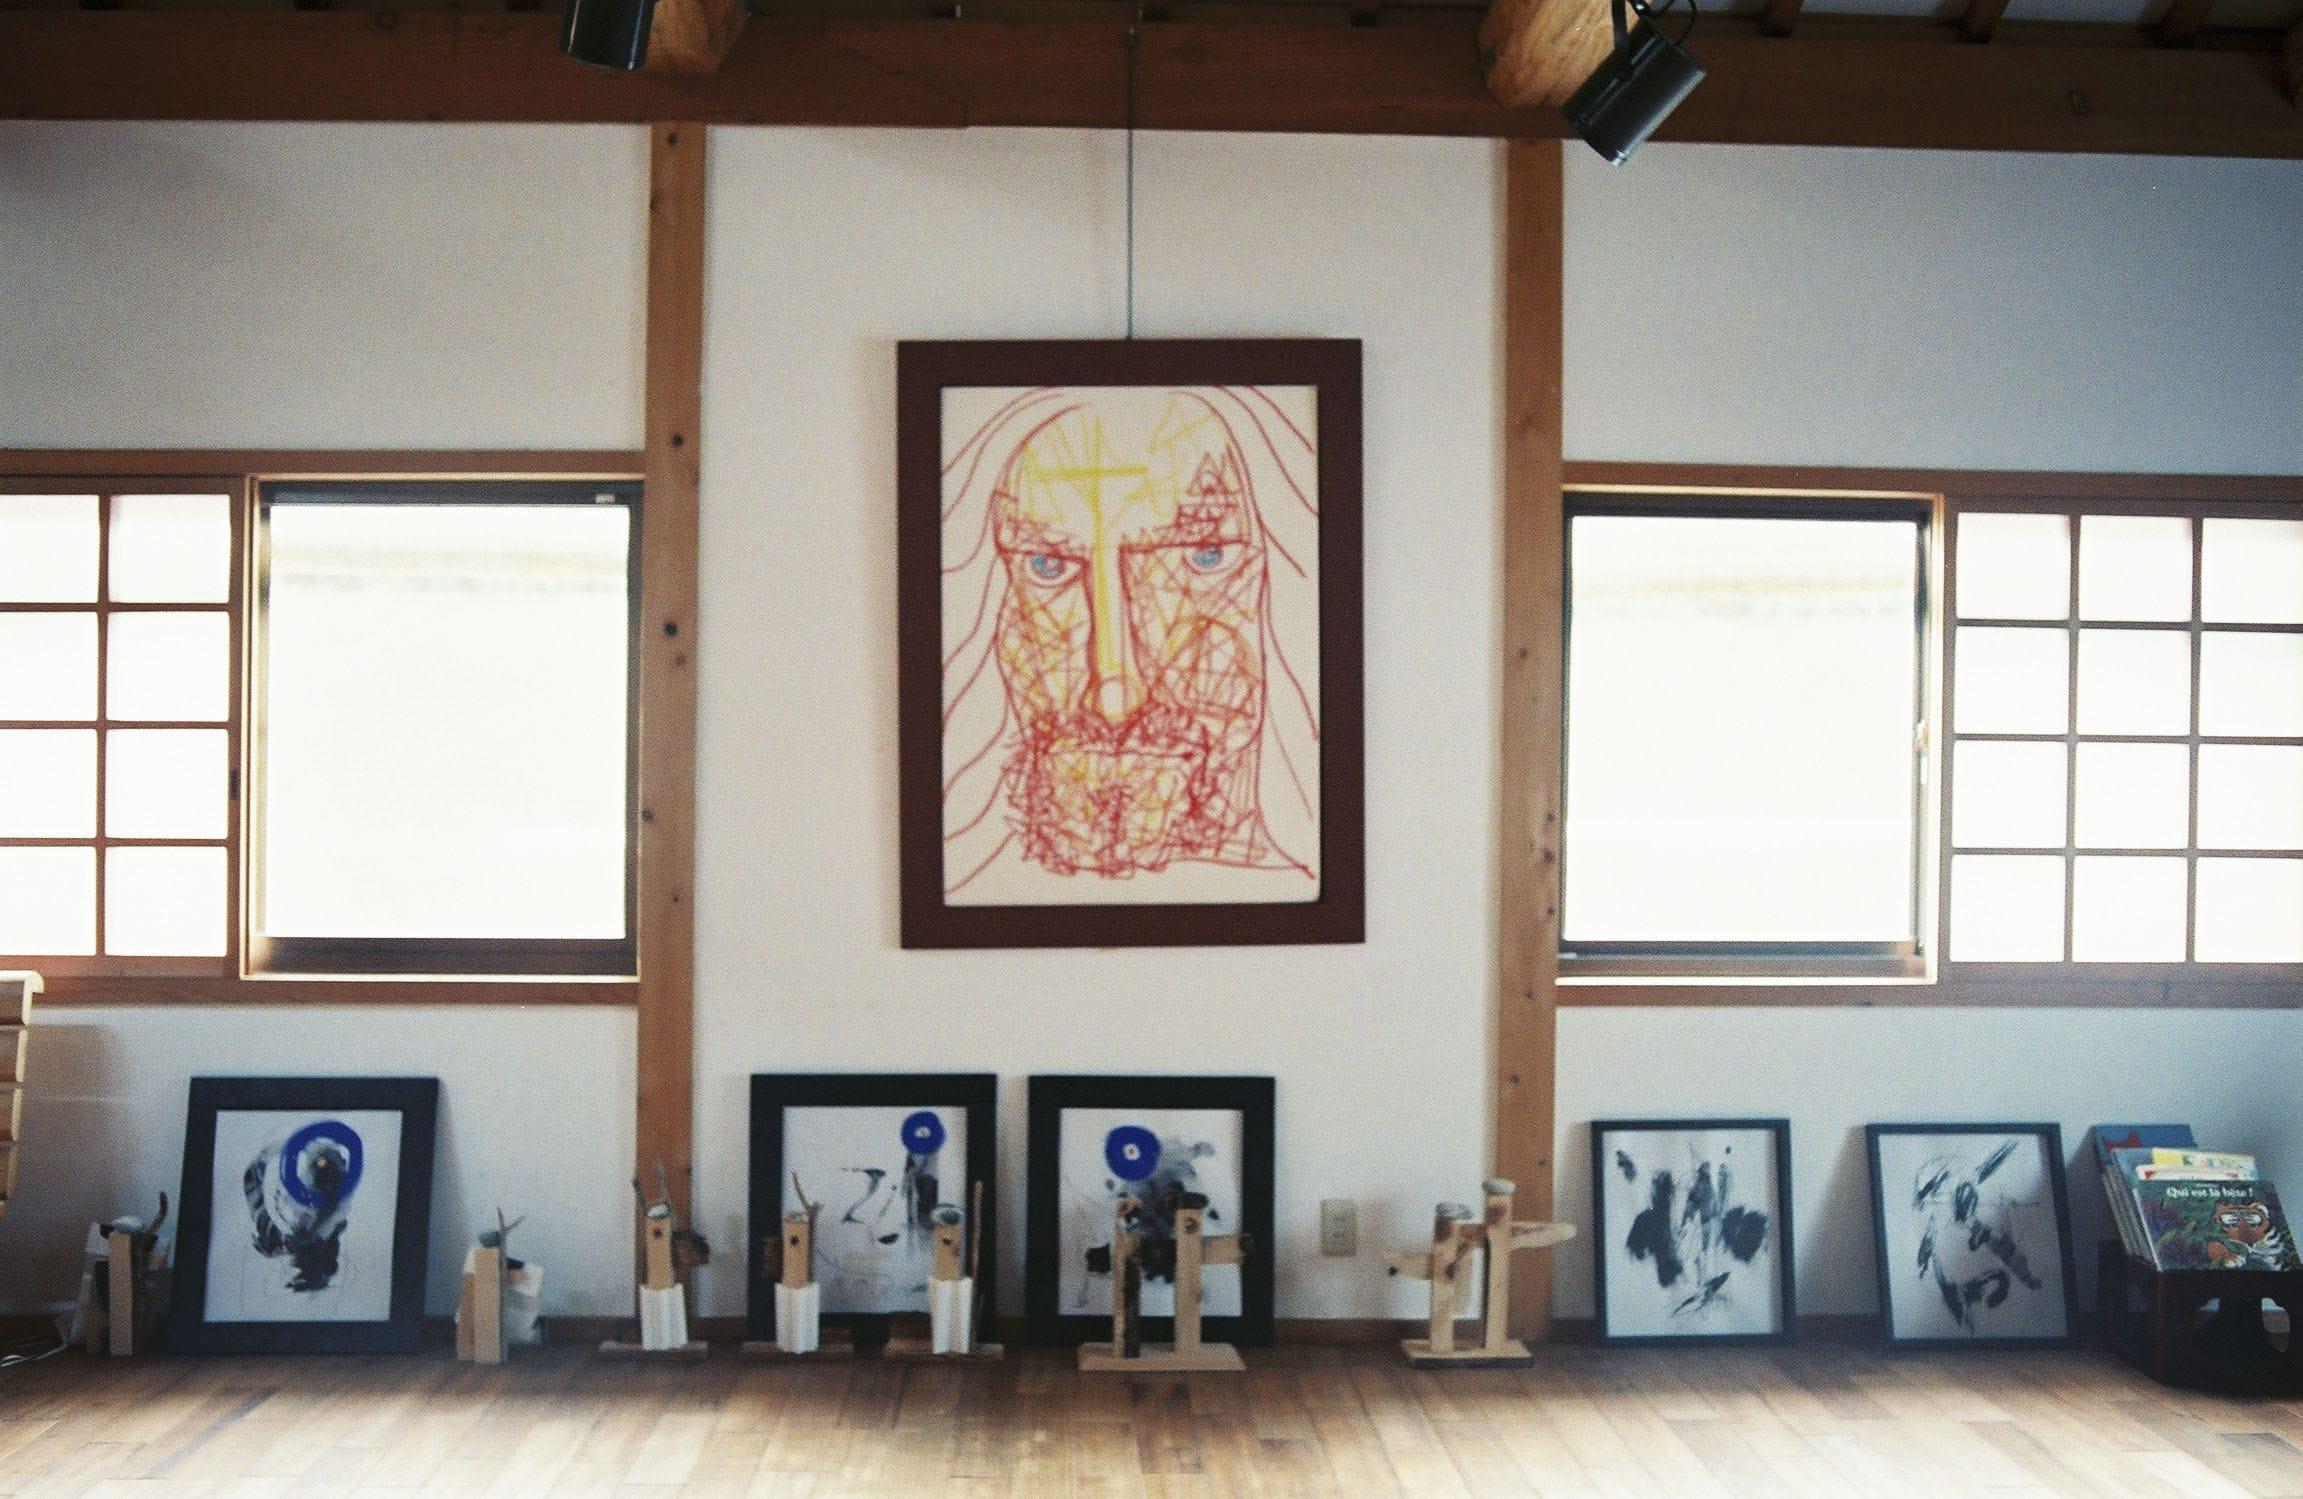 中央に飾られているのは、2013年に描かれたいう和之さんの作品「Saint」。毎日欠かさず筆をとり、絵を描き続けているという。